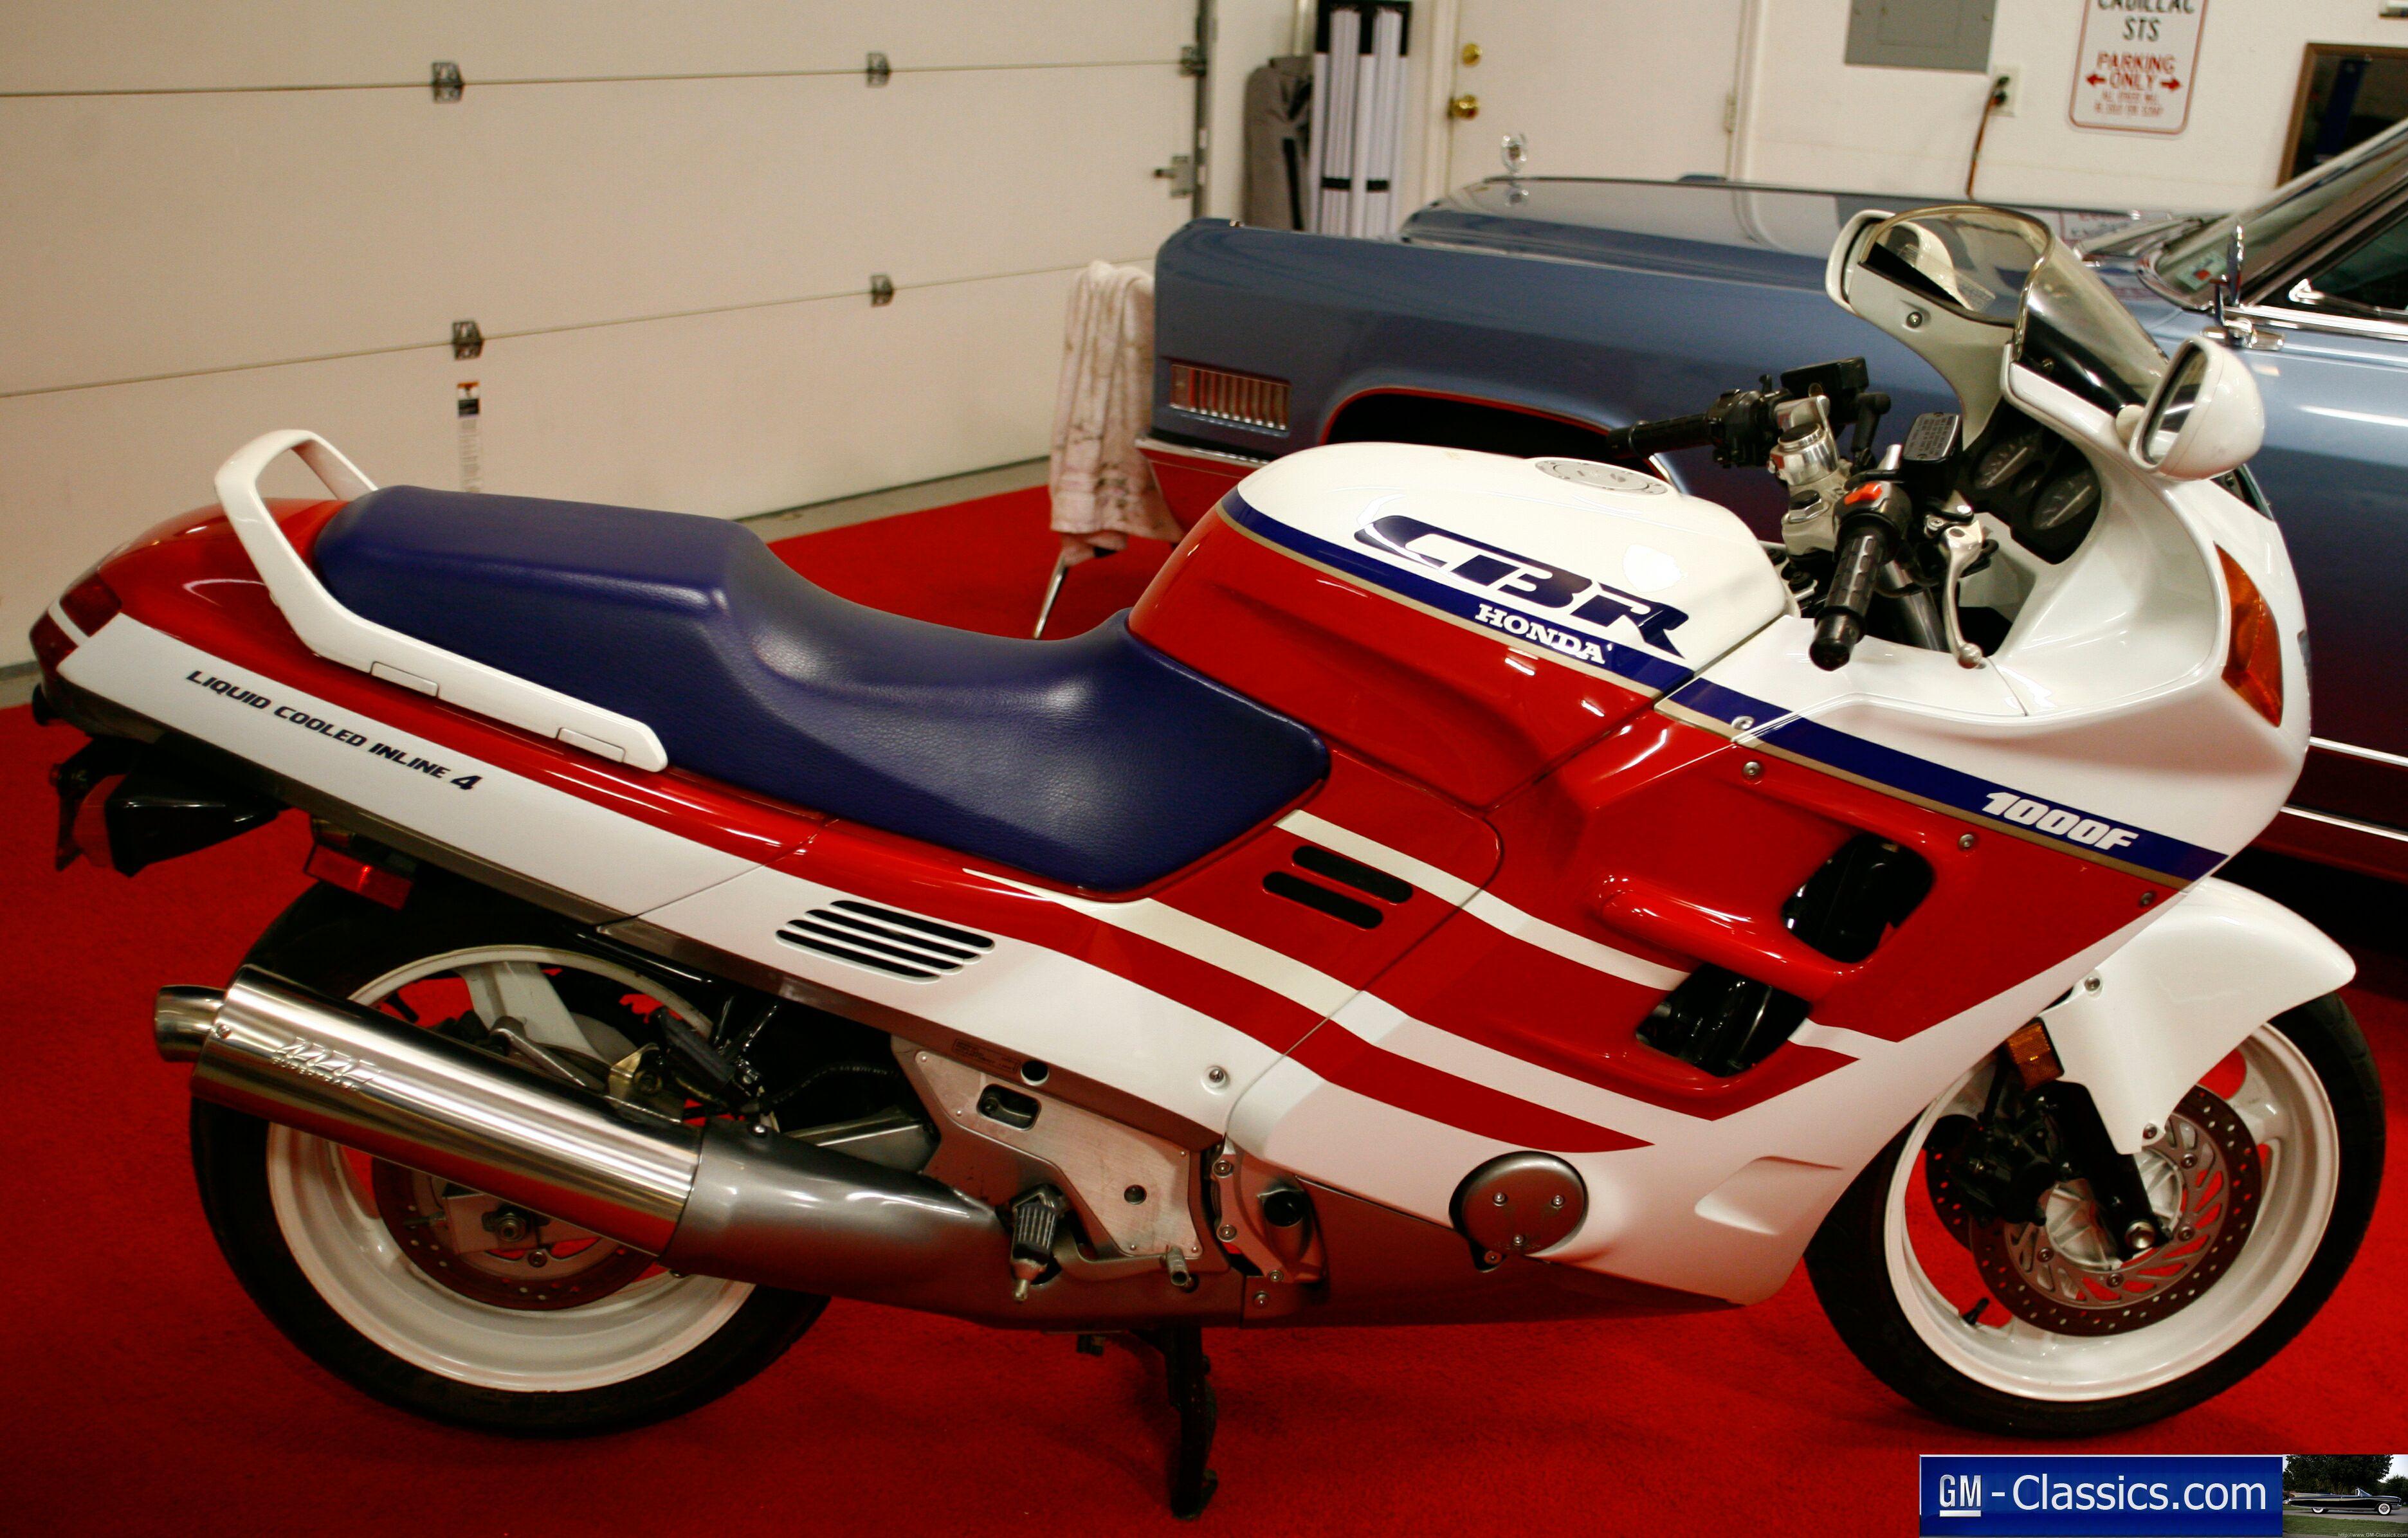 Honda Cbr1000f 1990